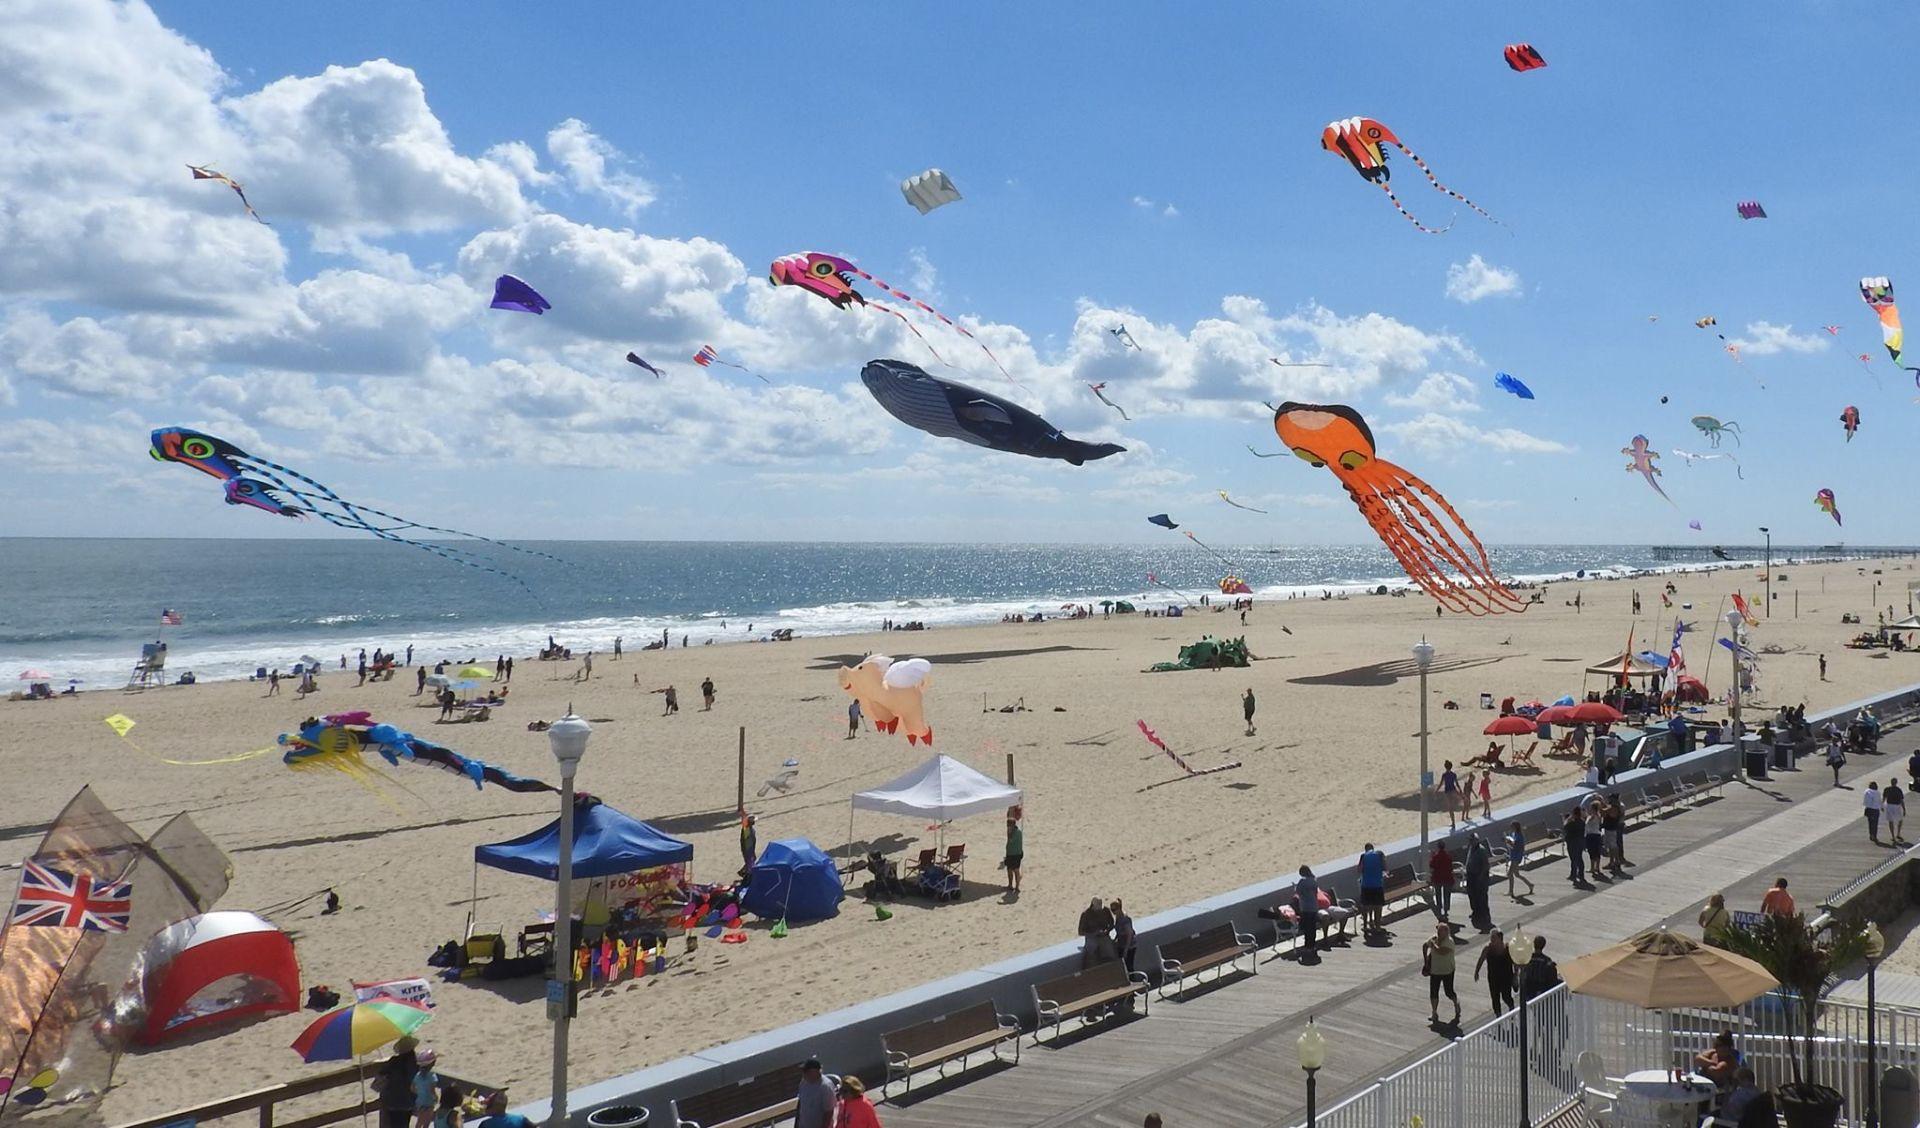 Sunfest Kite Festival